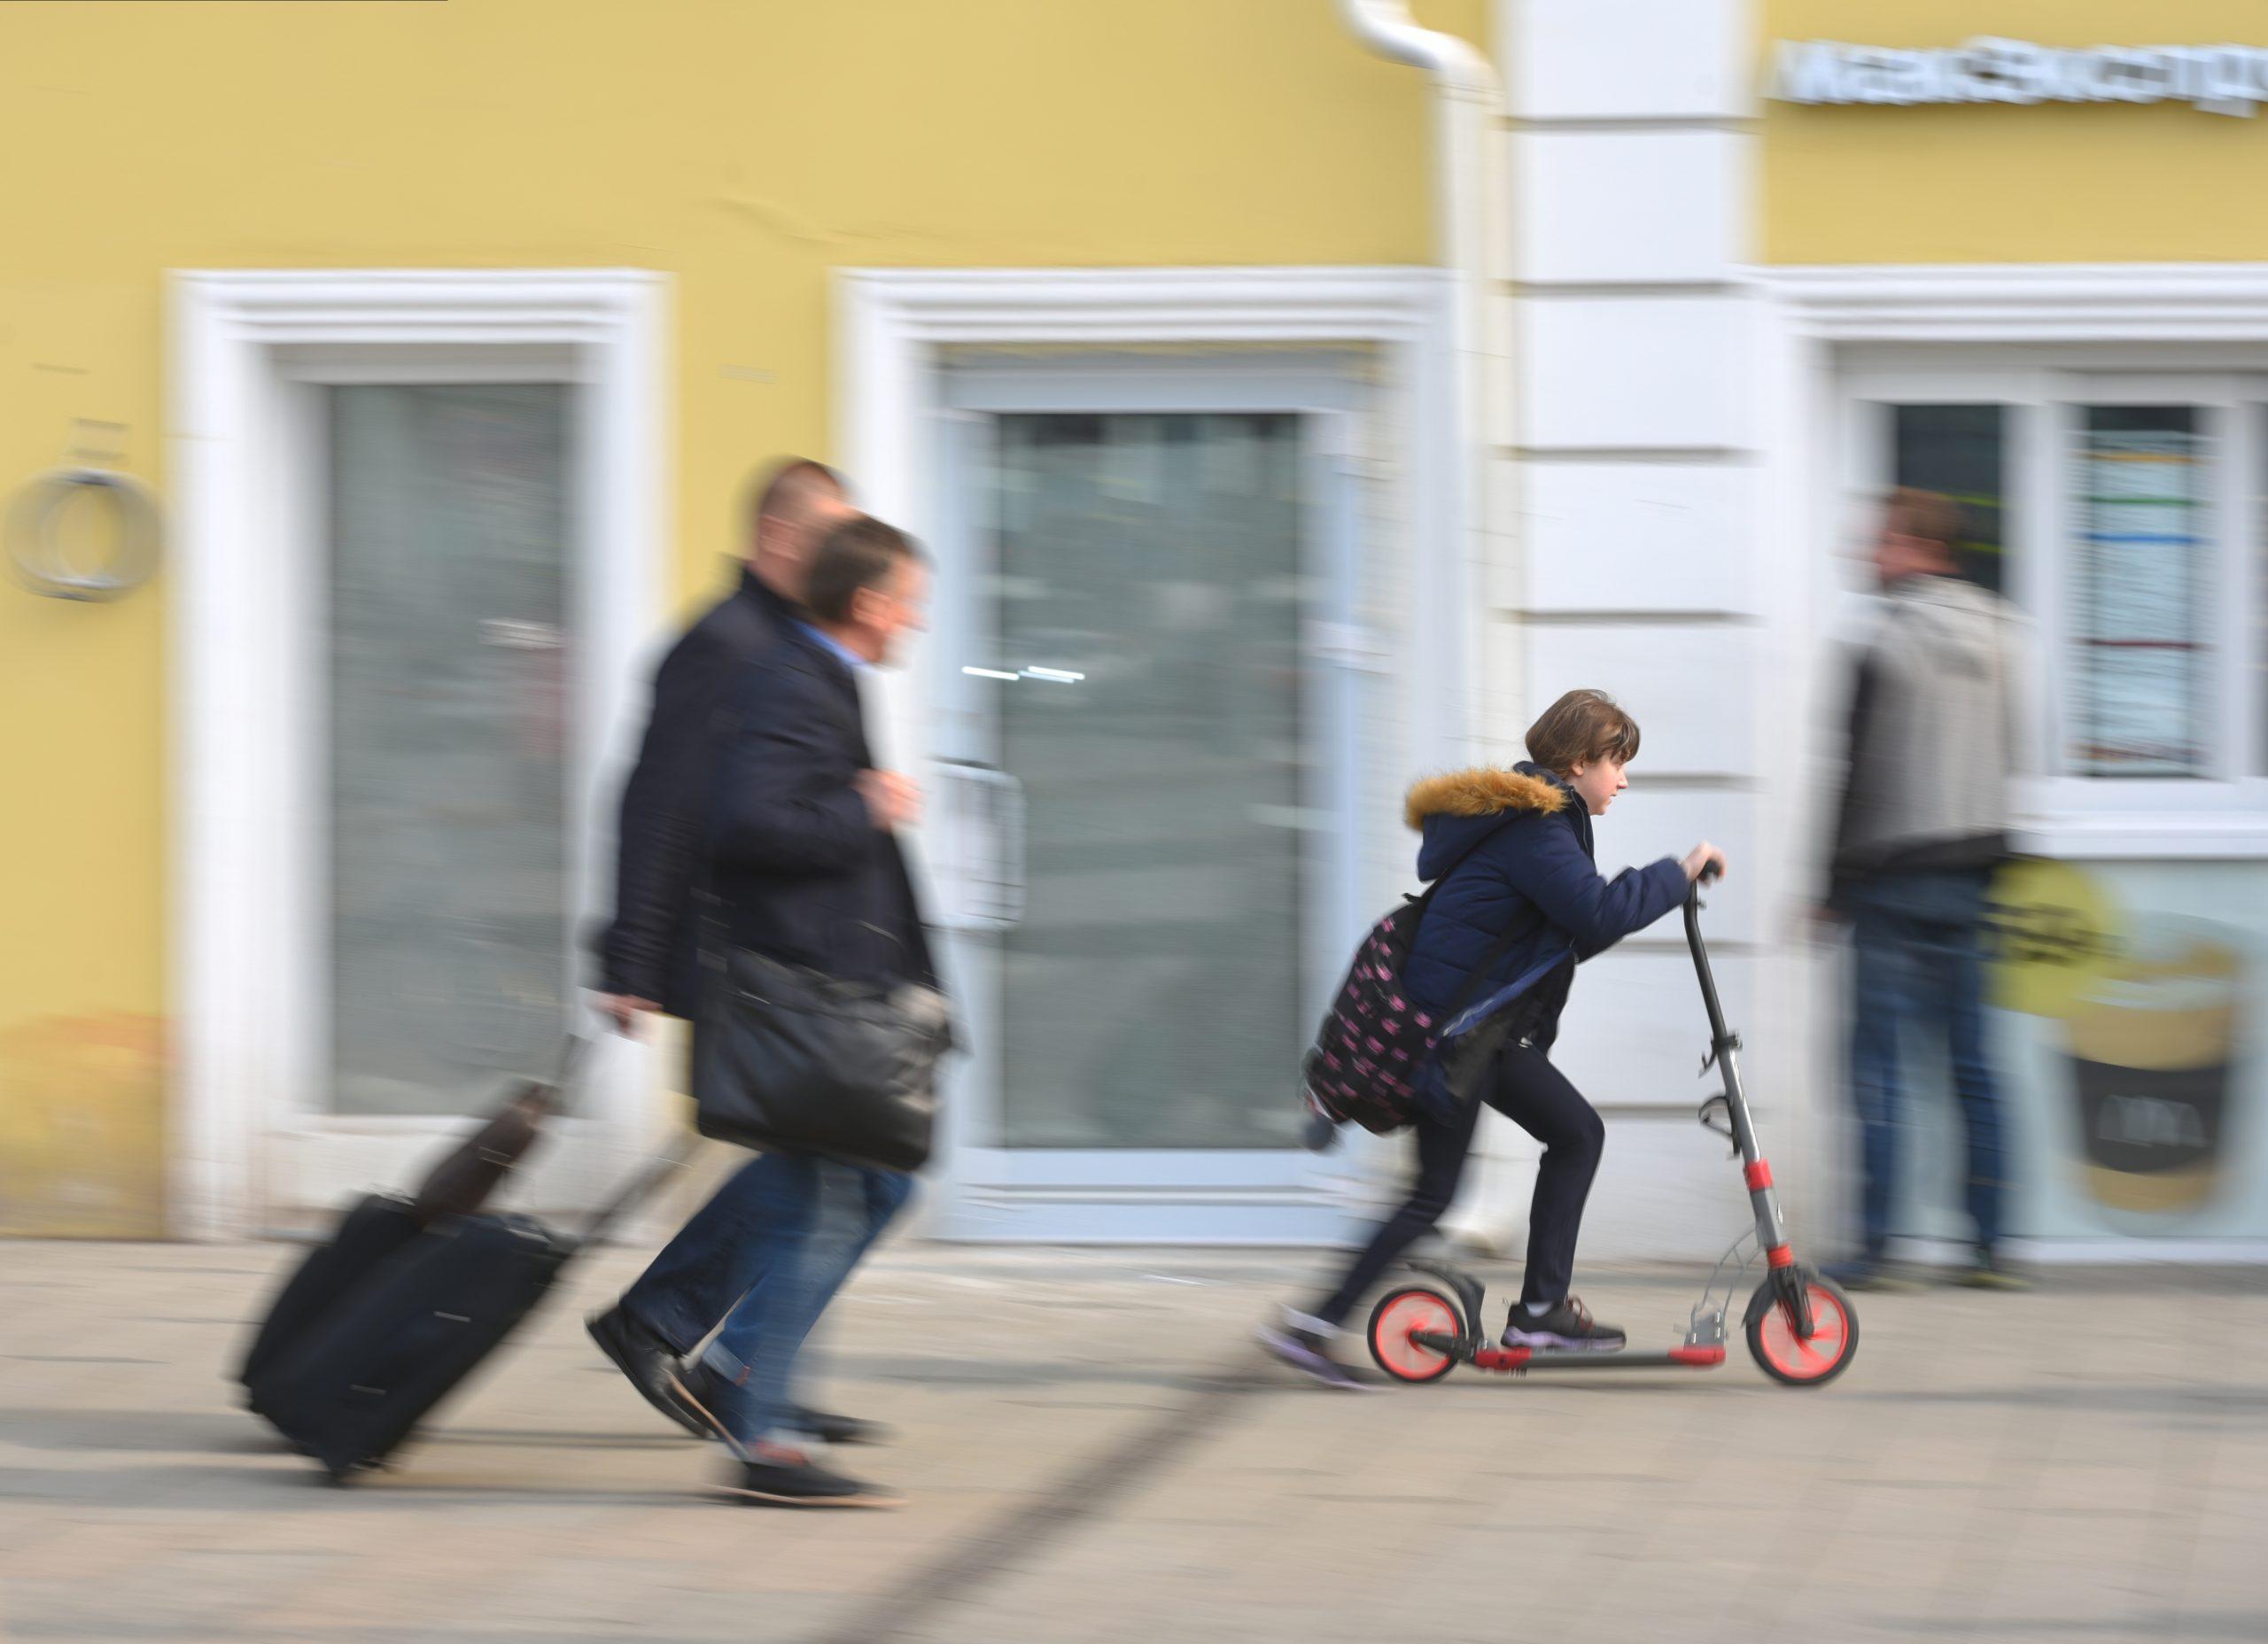 На сегодняшний день в городе работают семь операторов. Фото: Александр Кожохин